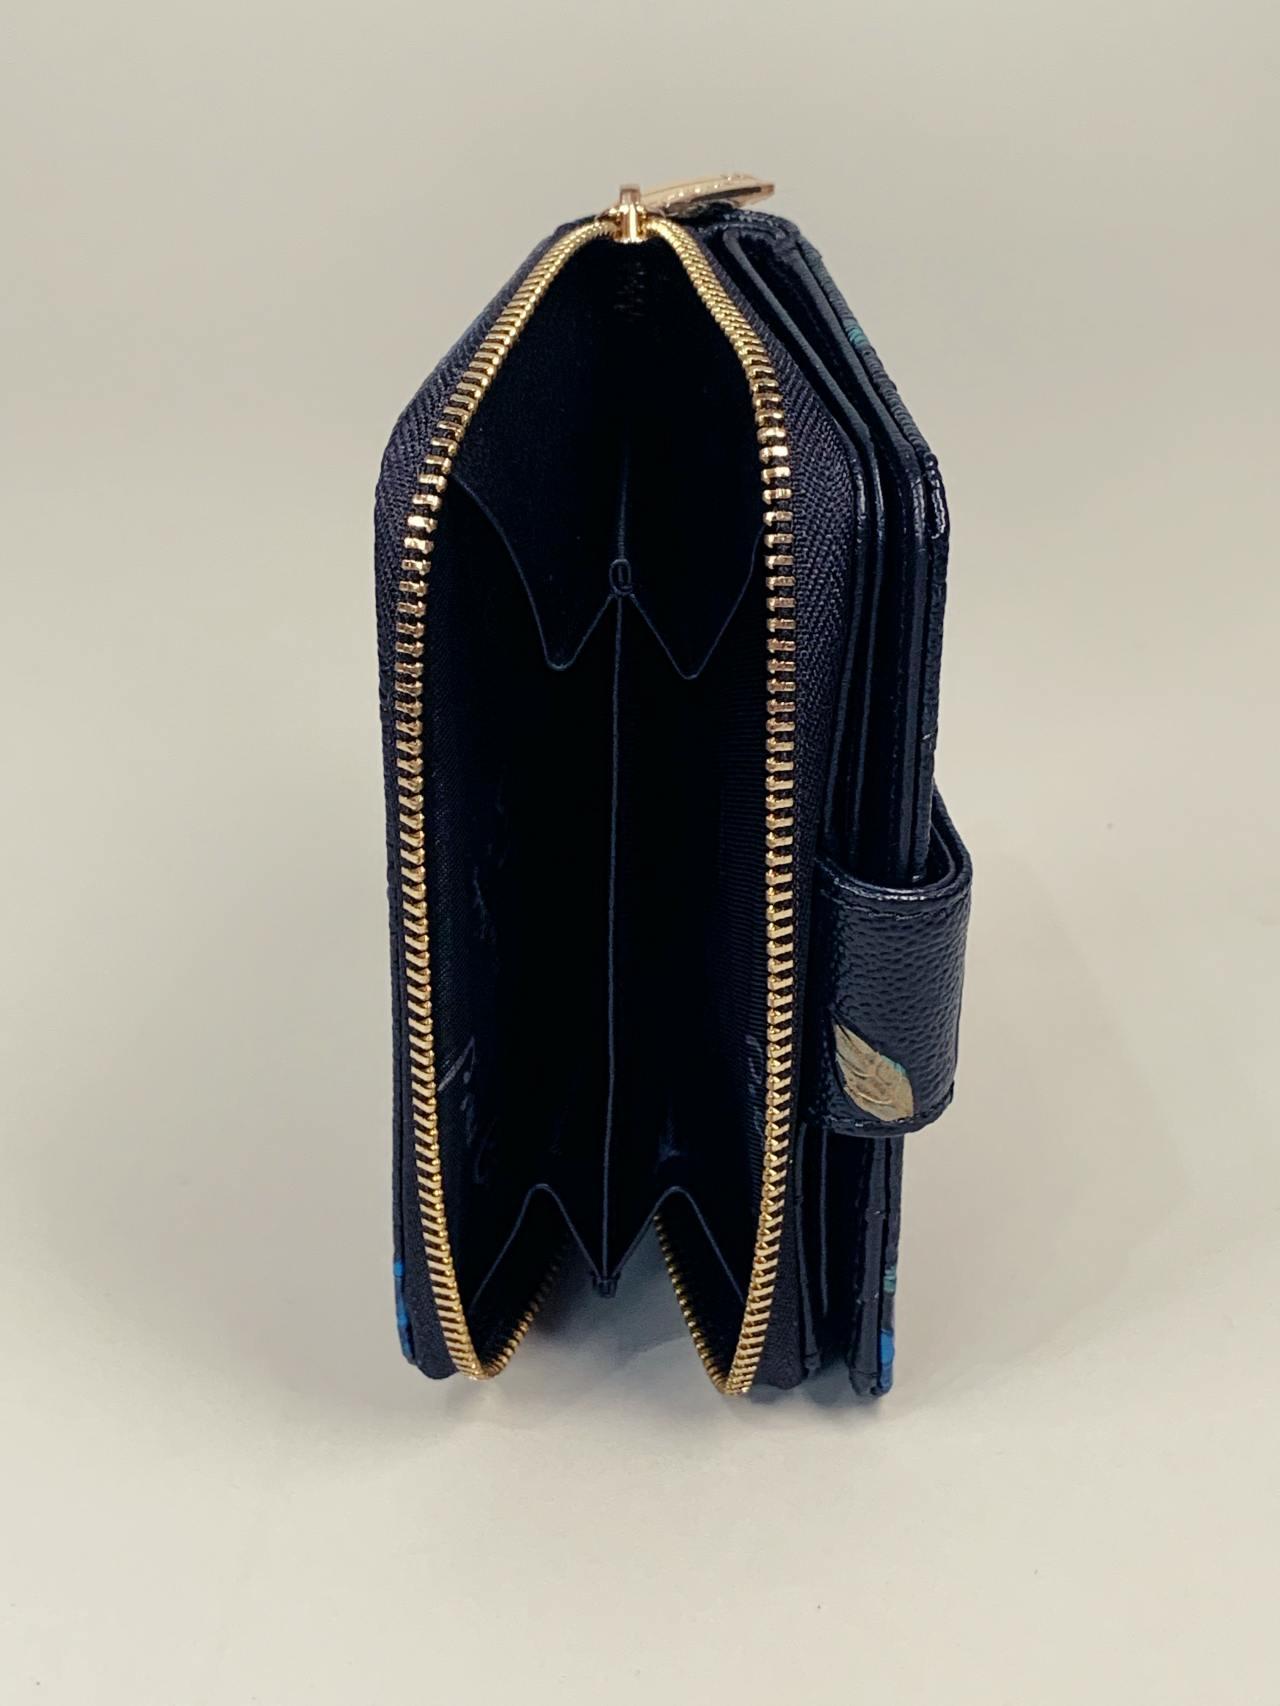 Kožená peněženka Pierre Cardin S černá s lístky -05